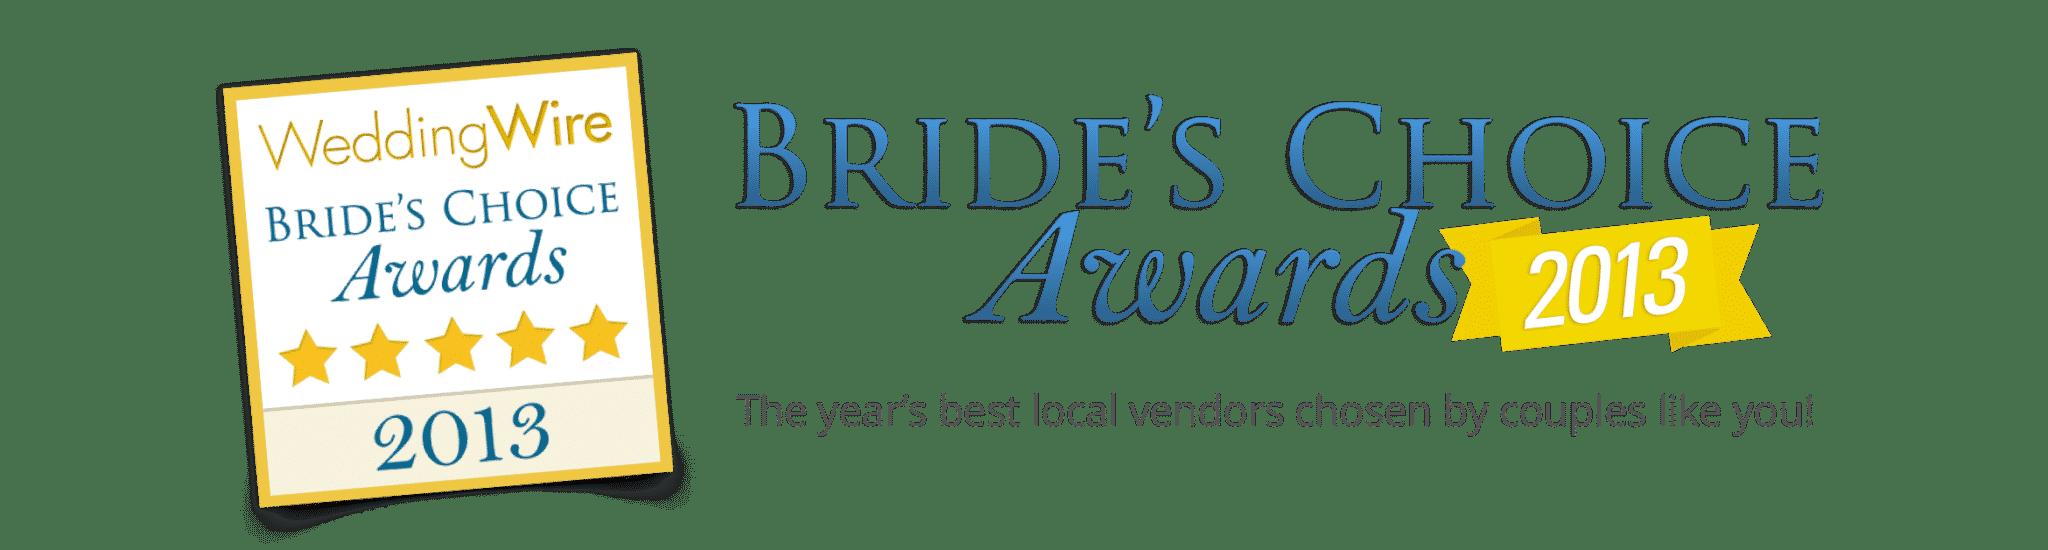 2013 WeddingWire Brides' Choice Award®